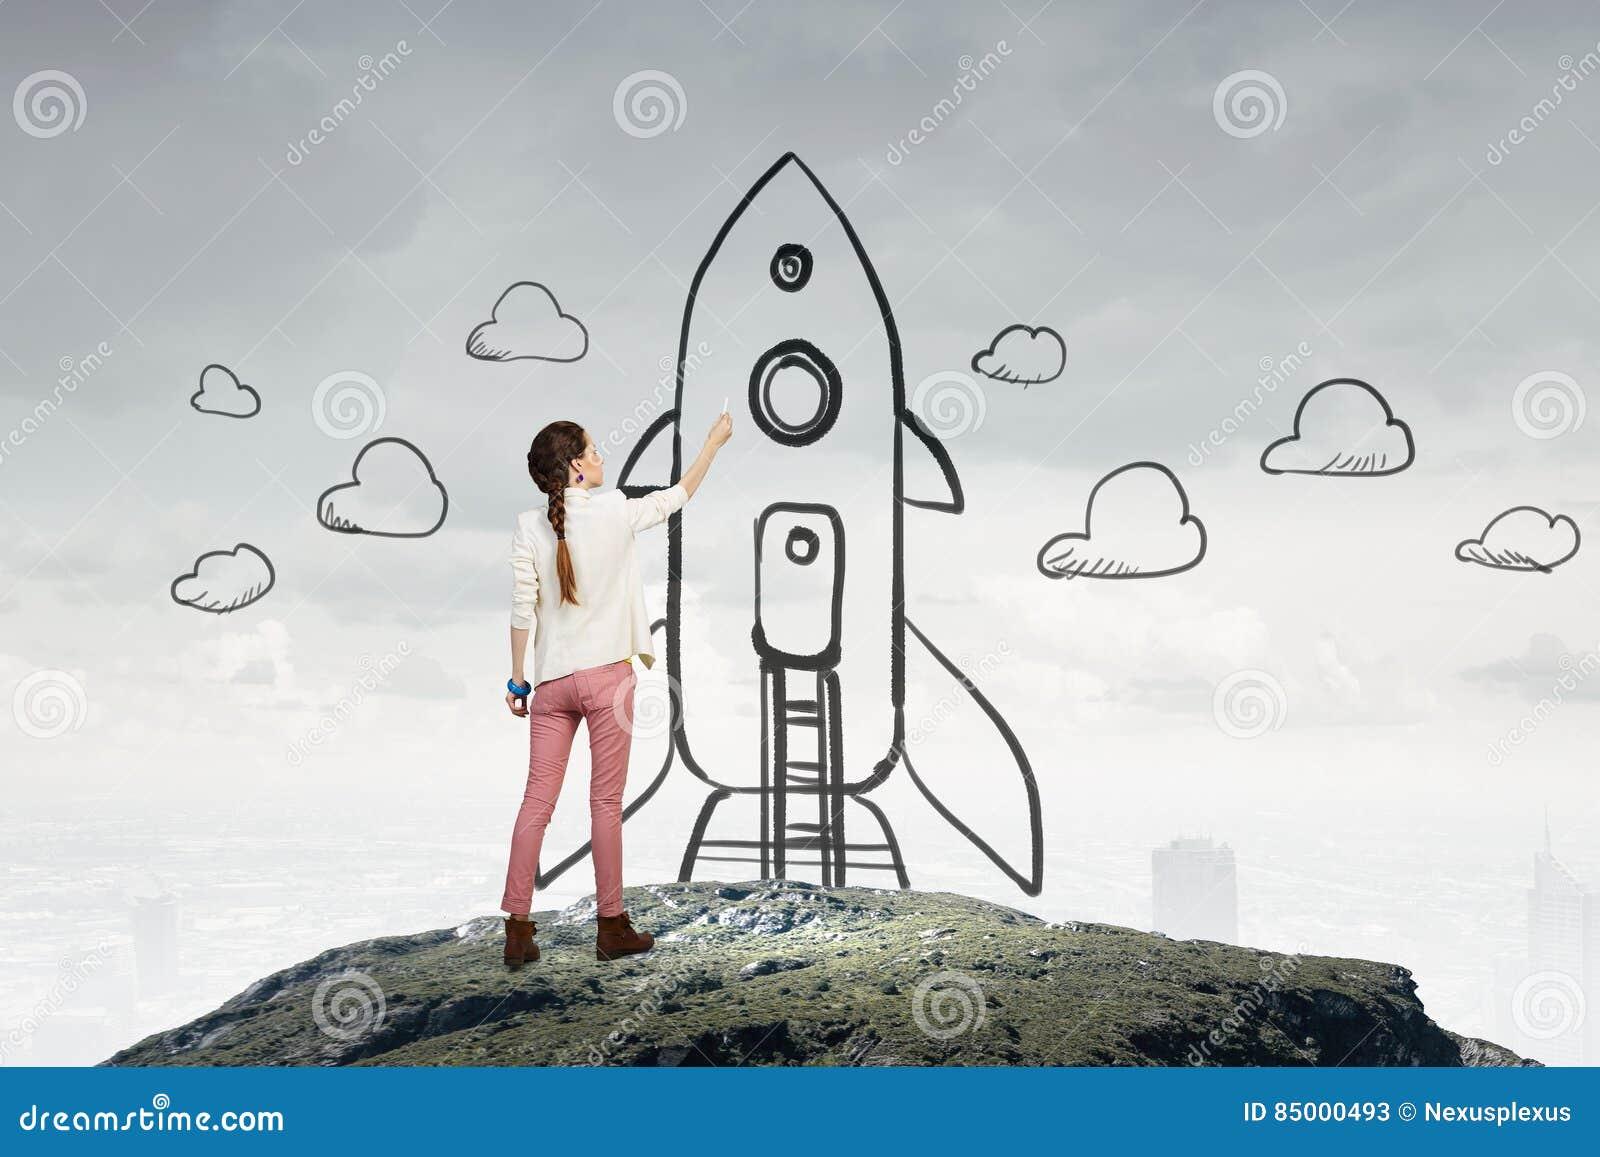 7bcb7e64427f Cohete del dibujo de la mujer joven en la pared como concepto de la  astronomía